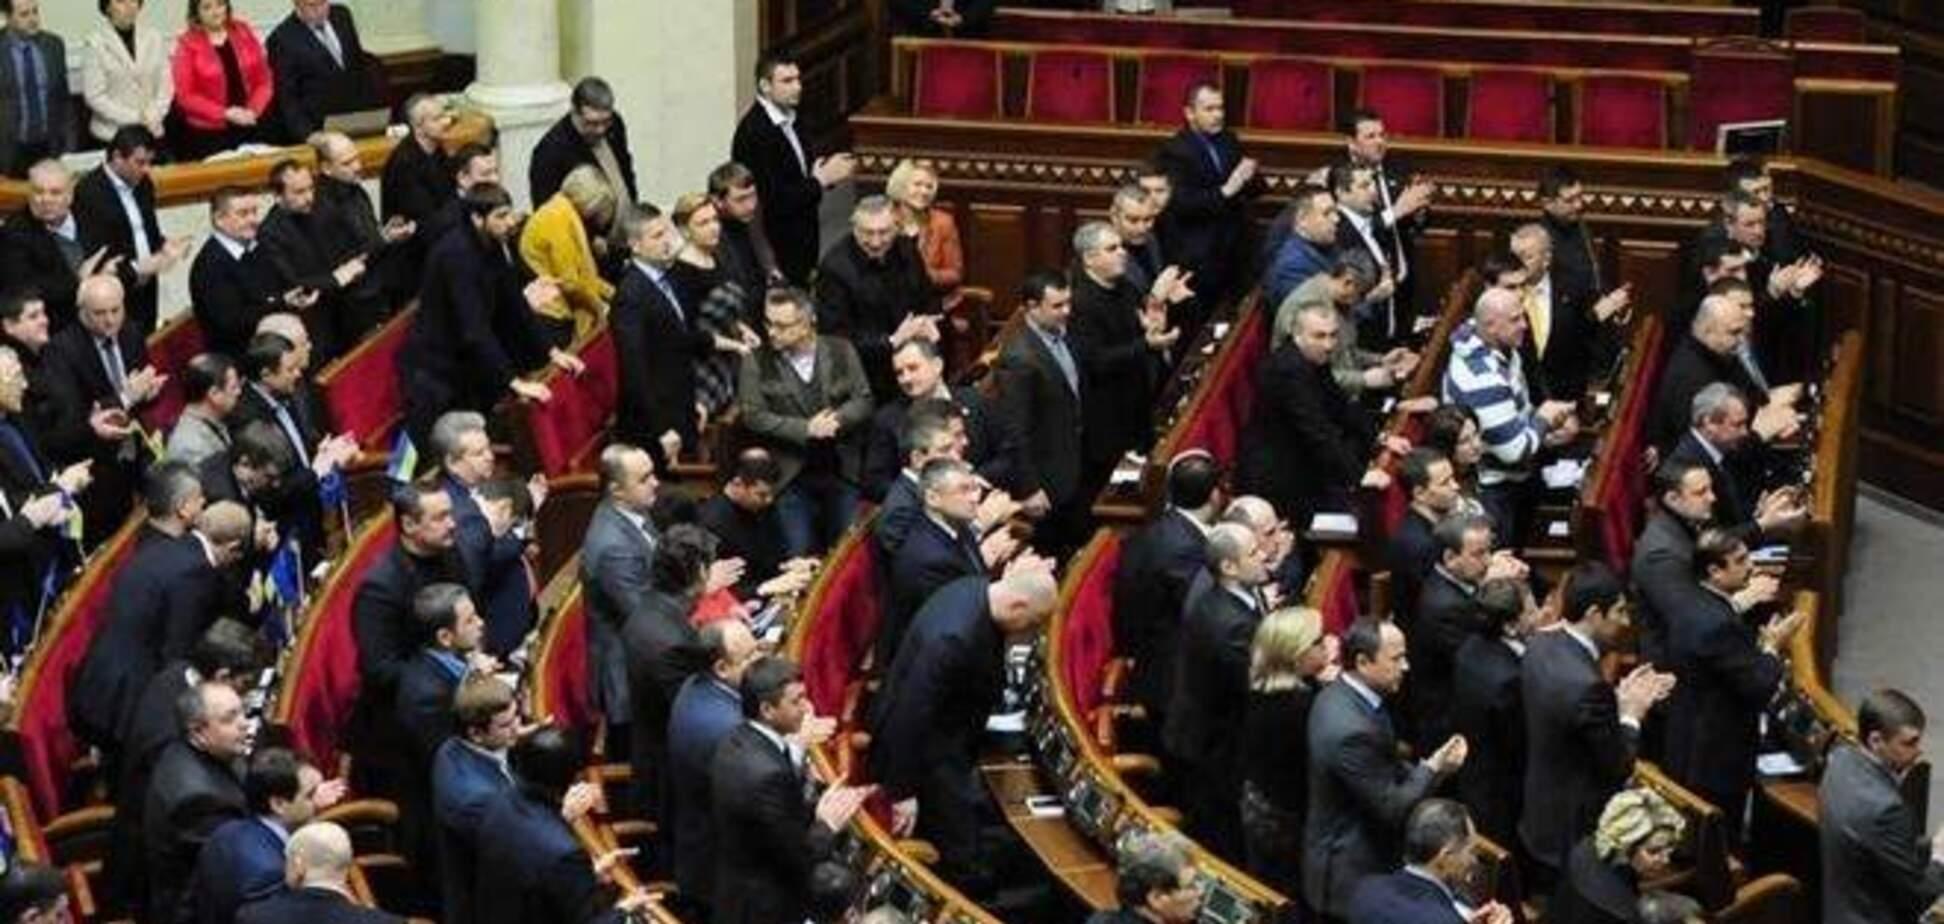 Експерт: дамоклів меч розпуску ВР змушує депутатів шукати компроміс